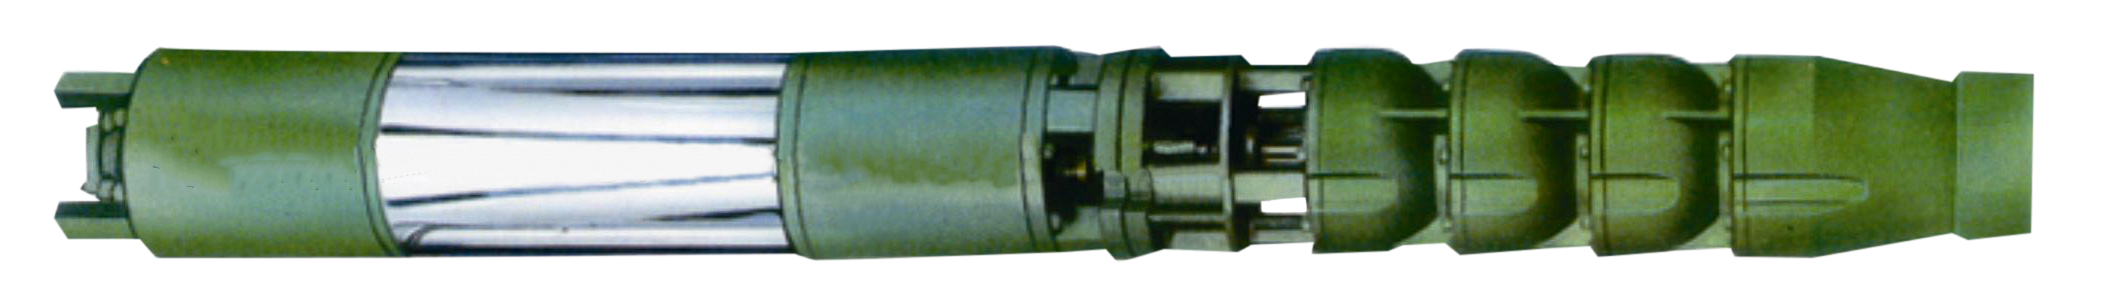 Глубинный насос ЕВВ для подачи воды из скважин